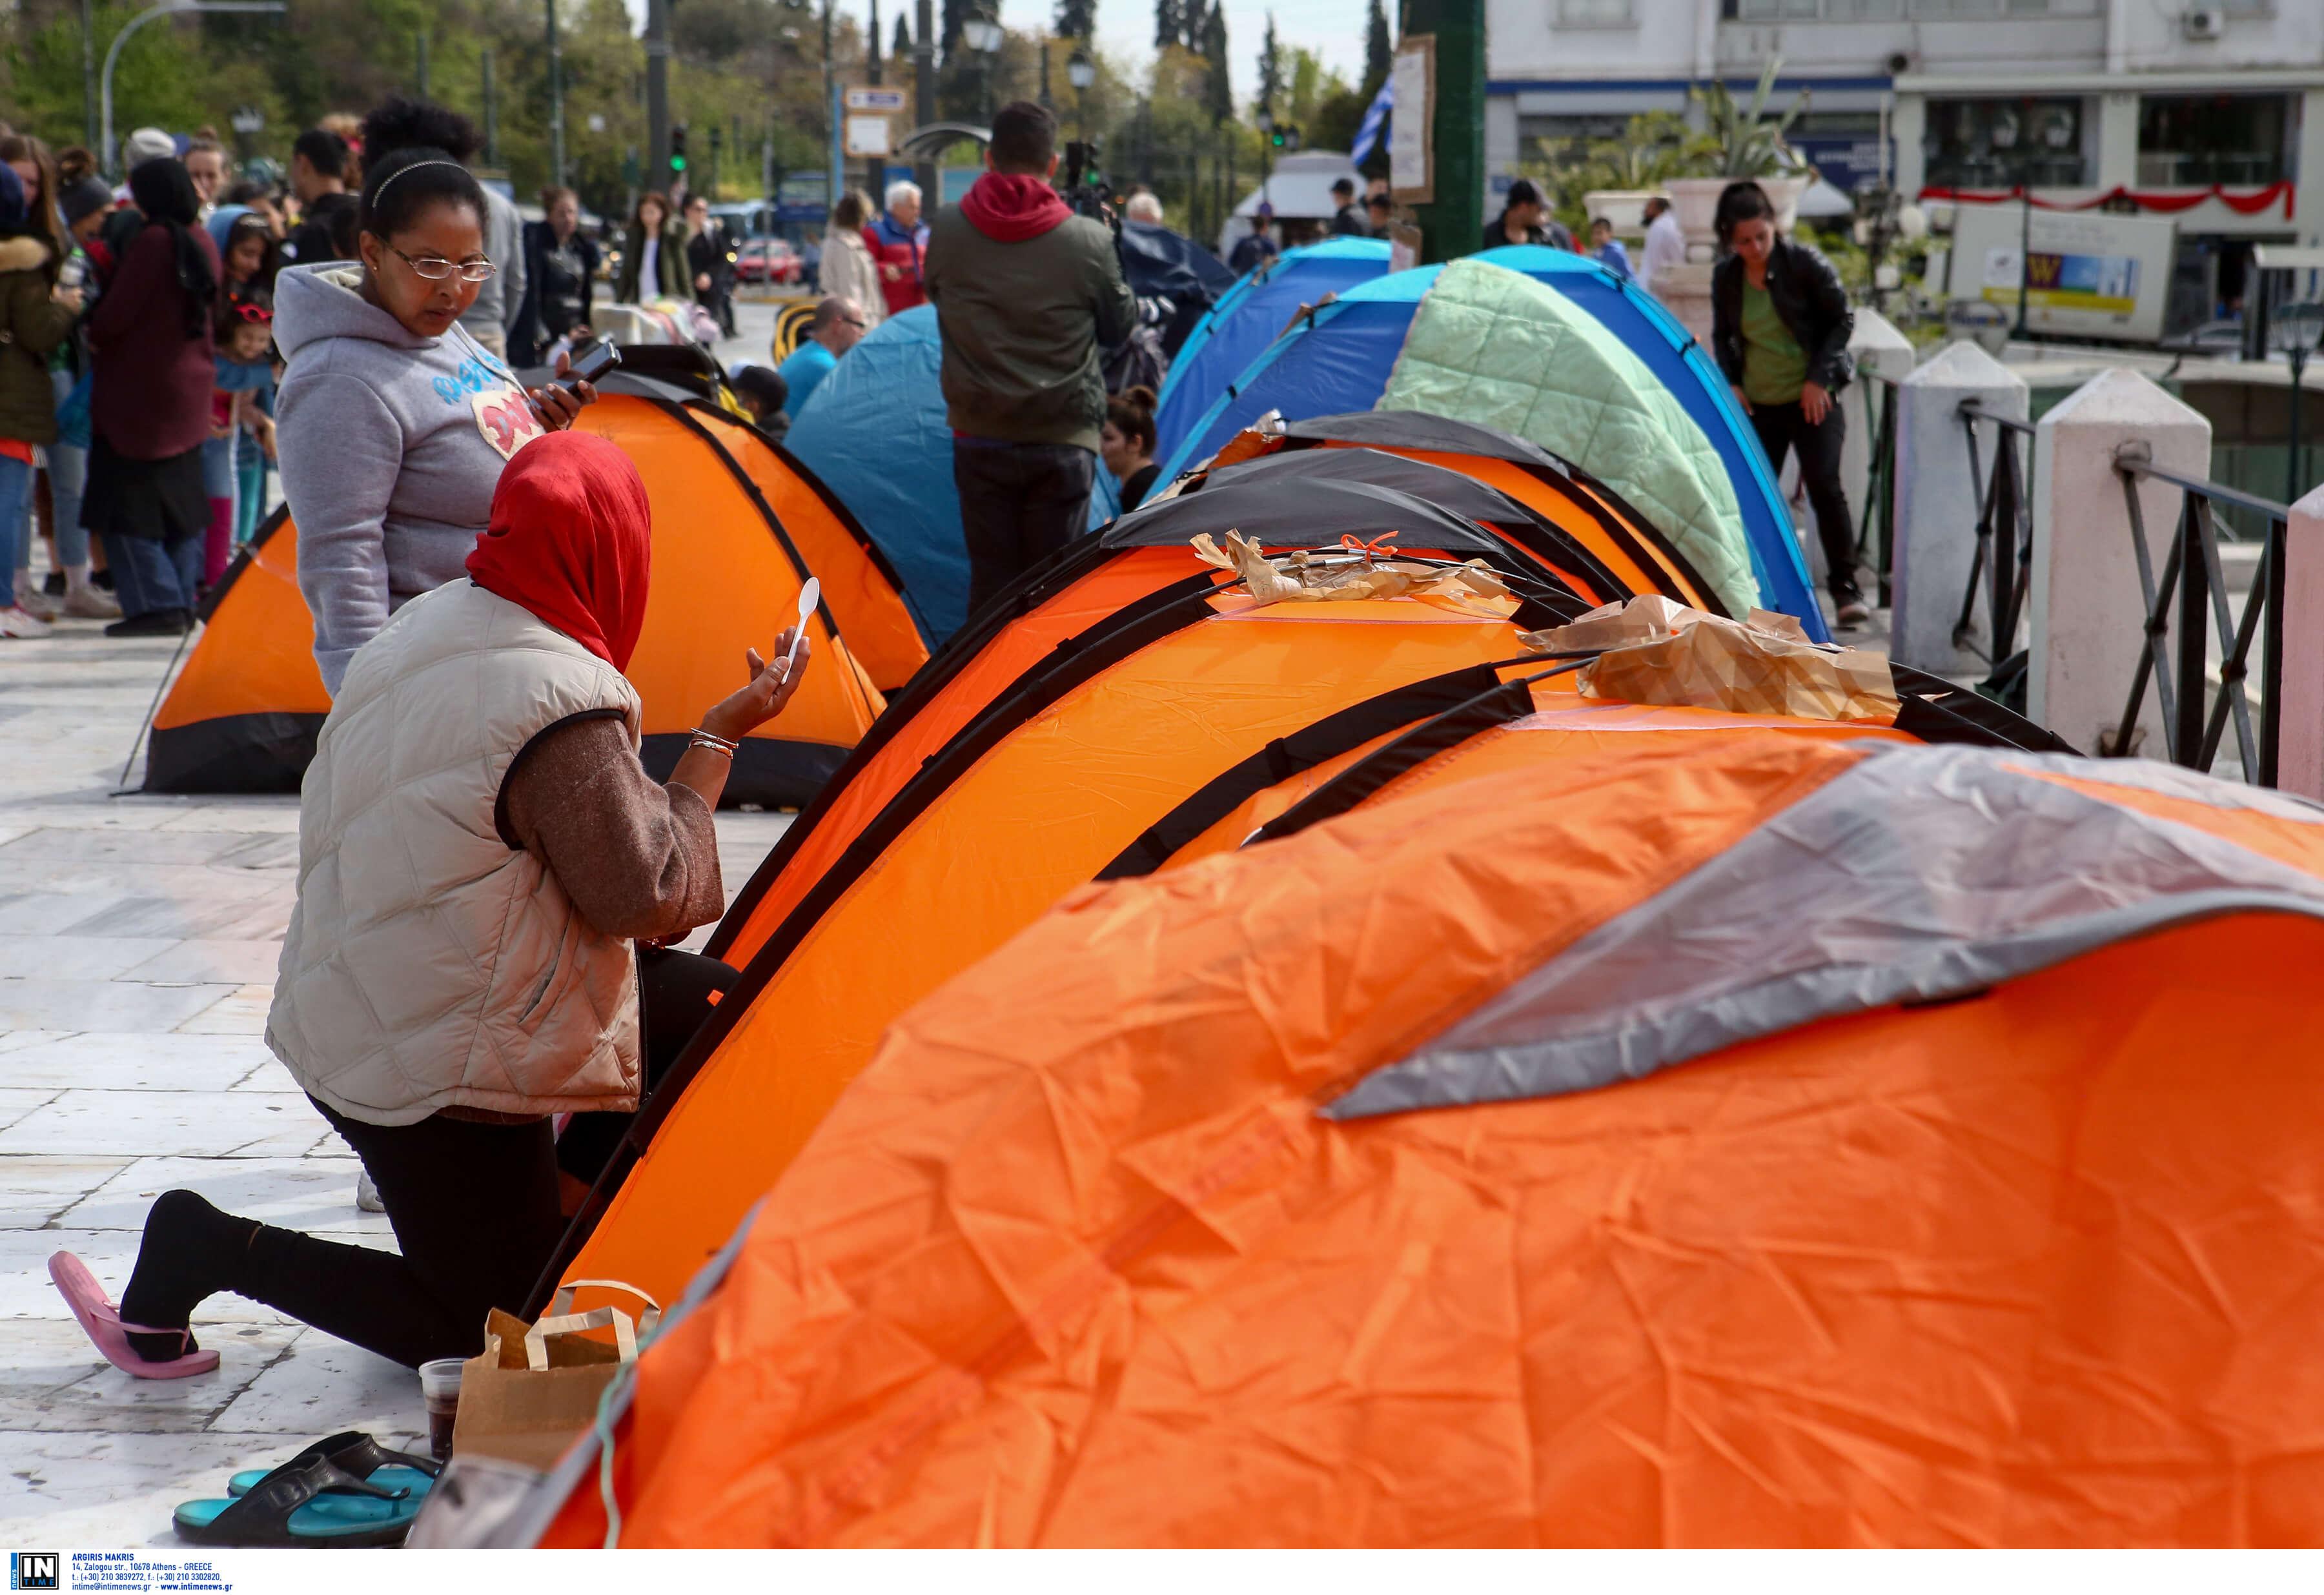 Σύνταγμα: Αρνούνται να αποχωρήσουν οι πρόσφυγες – Διανυκτέρευσαν στις σκηνές τους